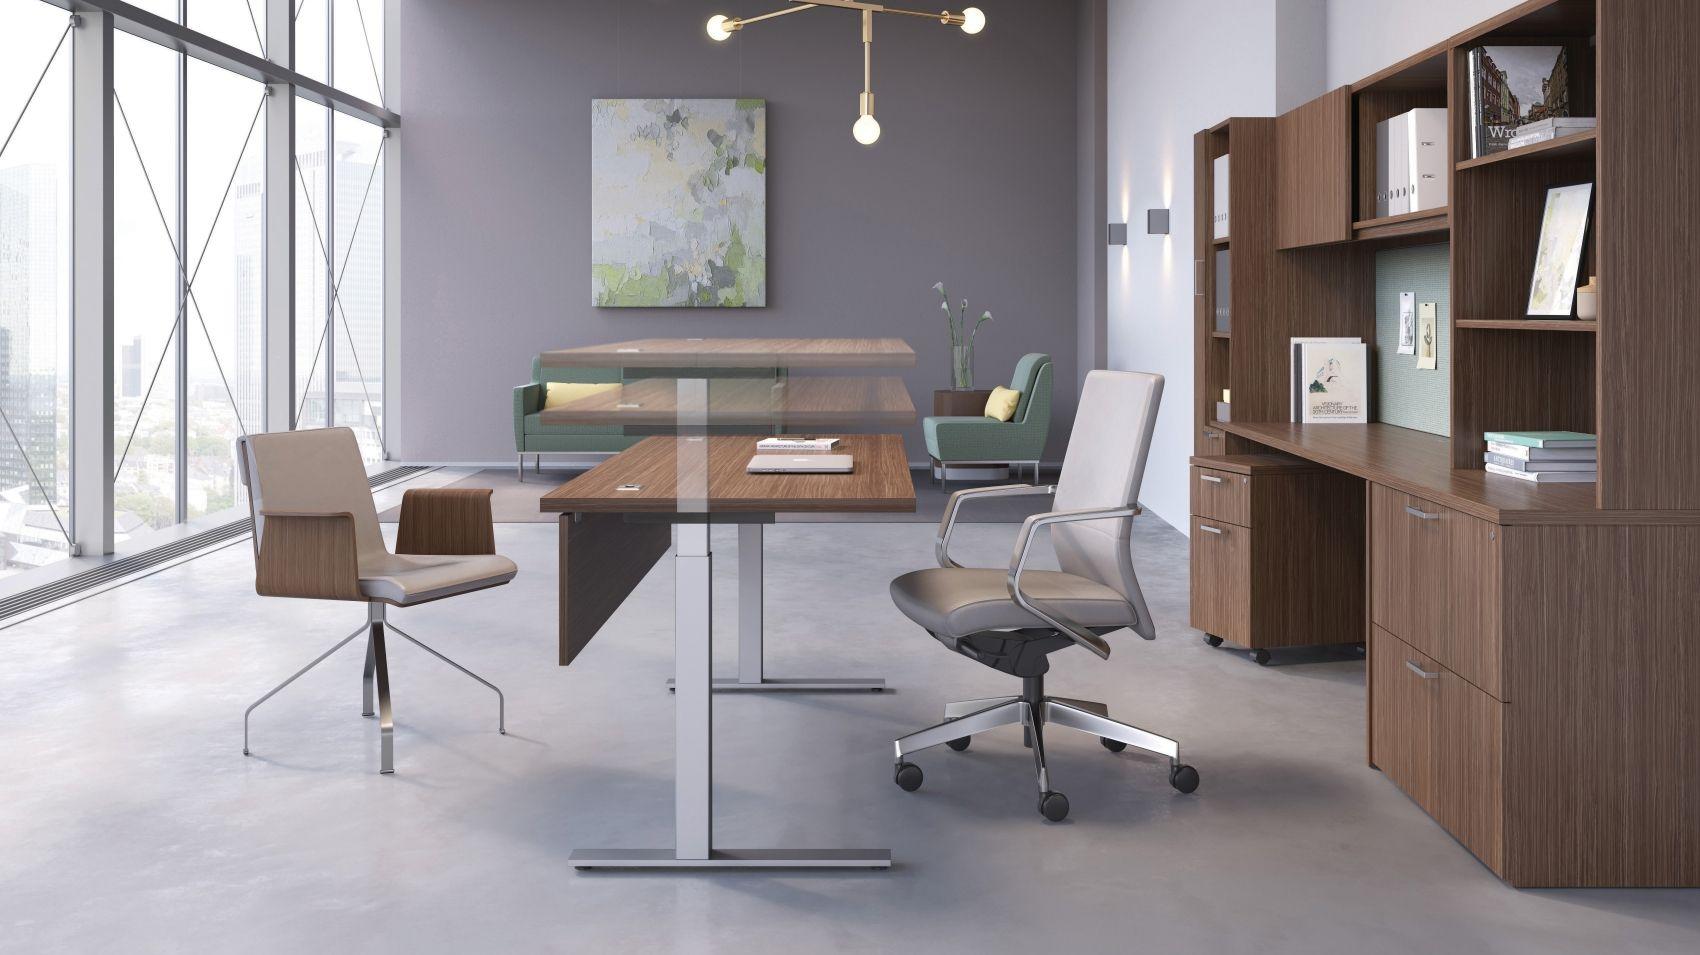 corporate office desk. Impulse G2 | OFS. Corporate OfficesBudgetingDesksTablesBureausOffice Office Desk K